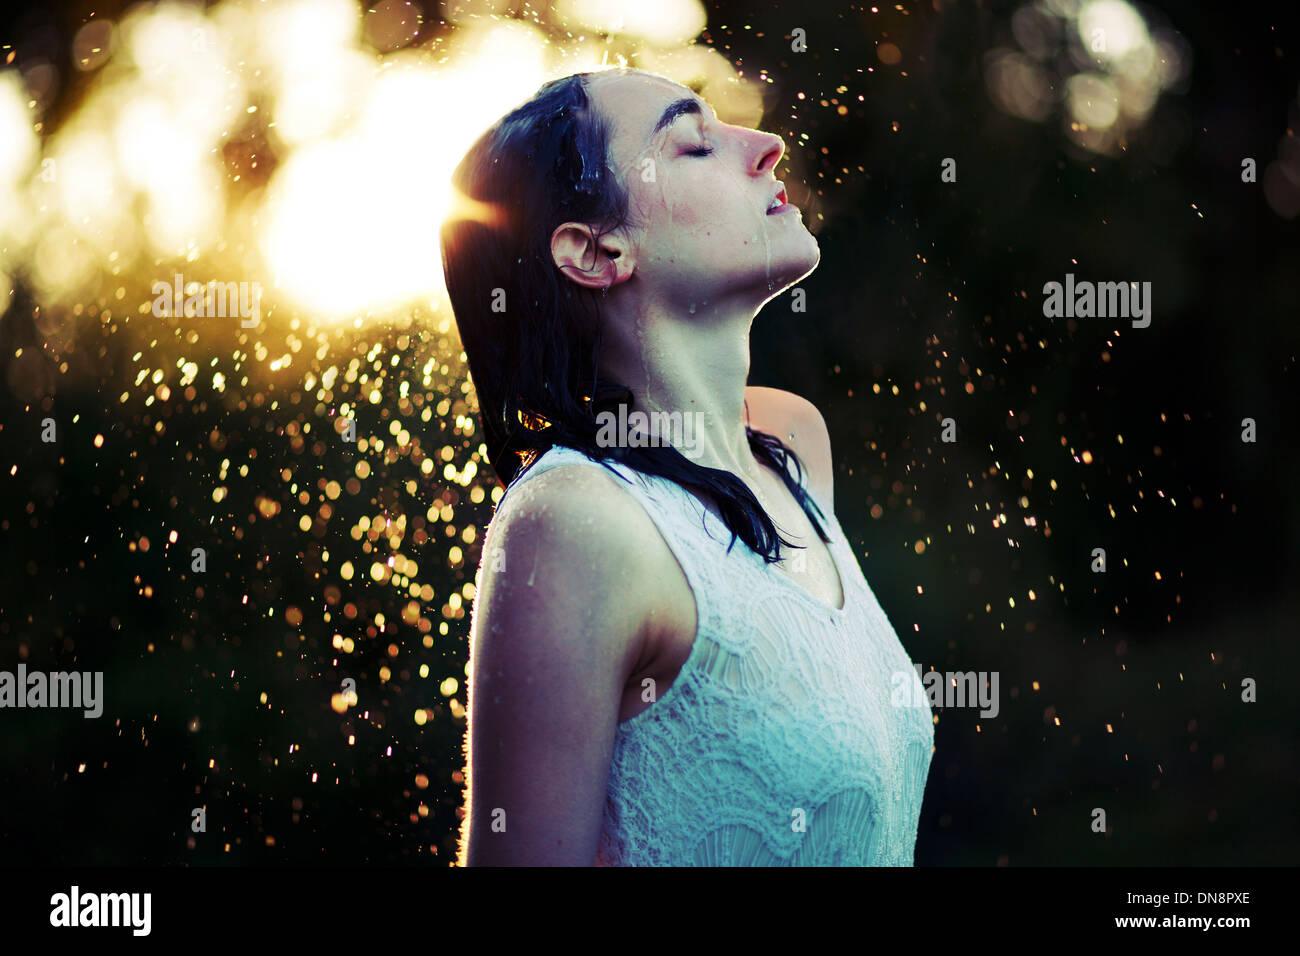 Jeune femme elle-même dans la pluie rafraîchissante Photo Stock